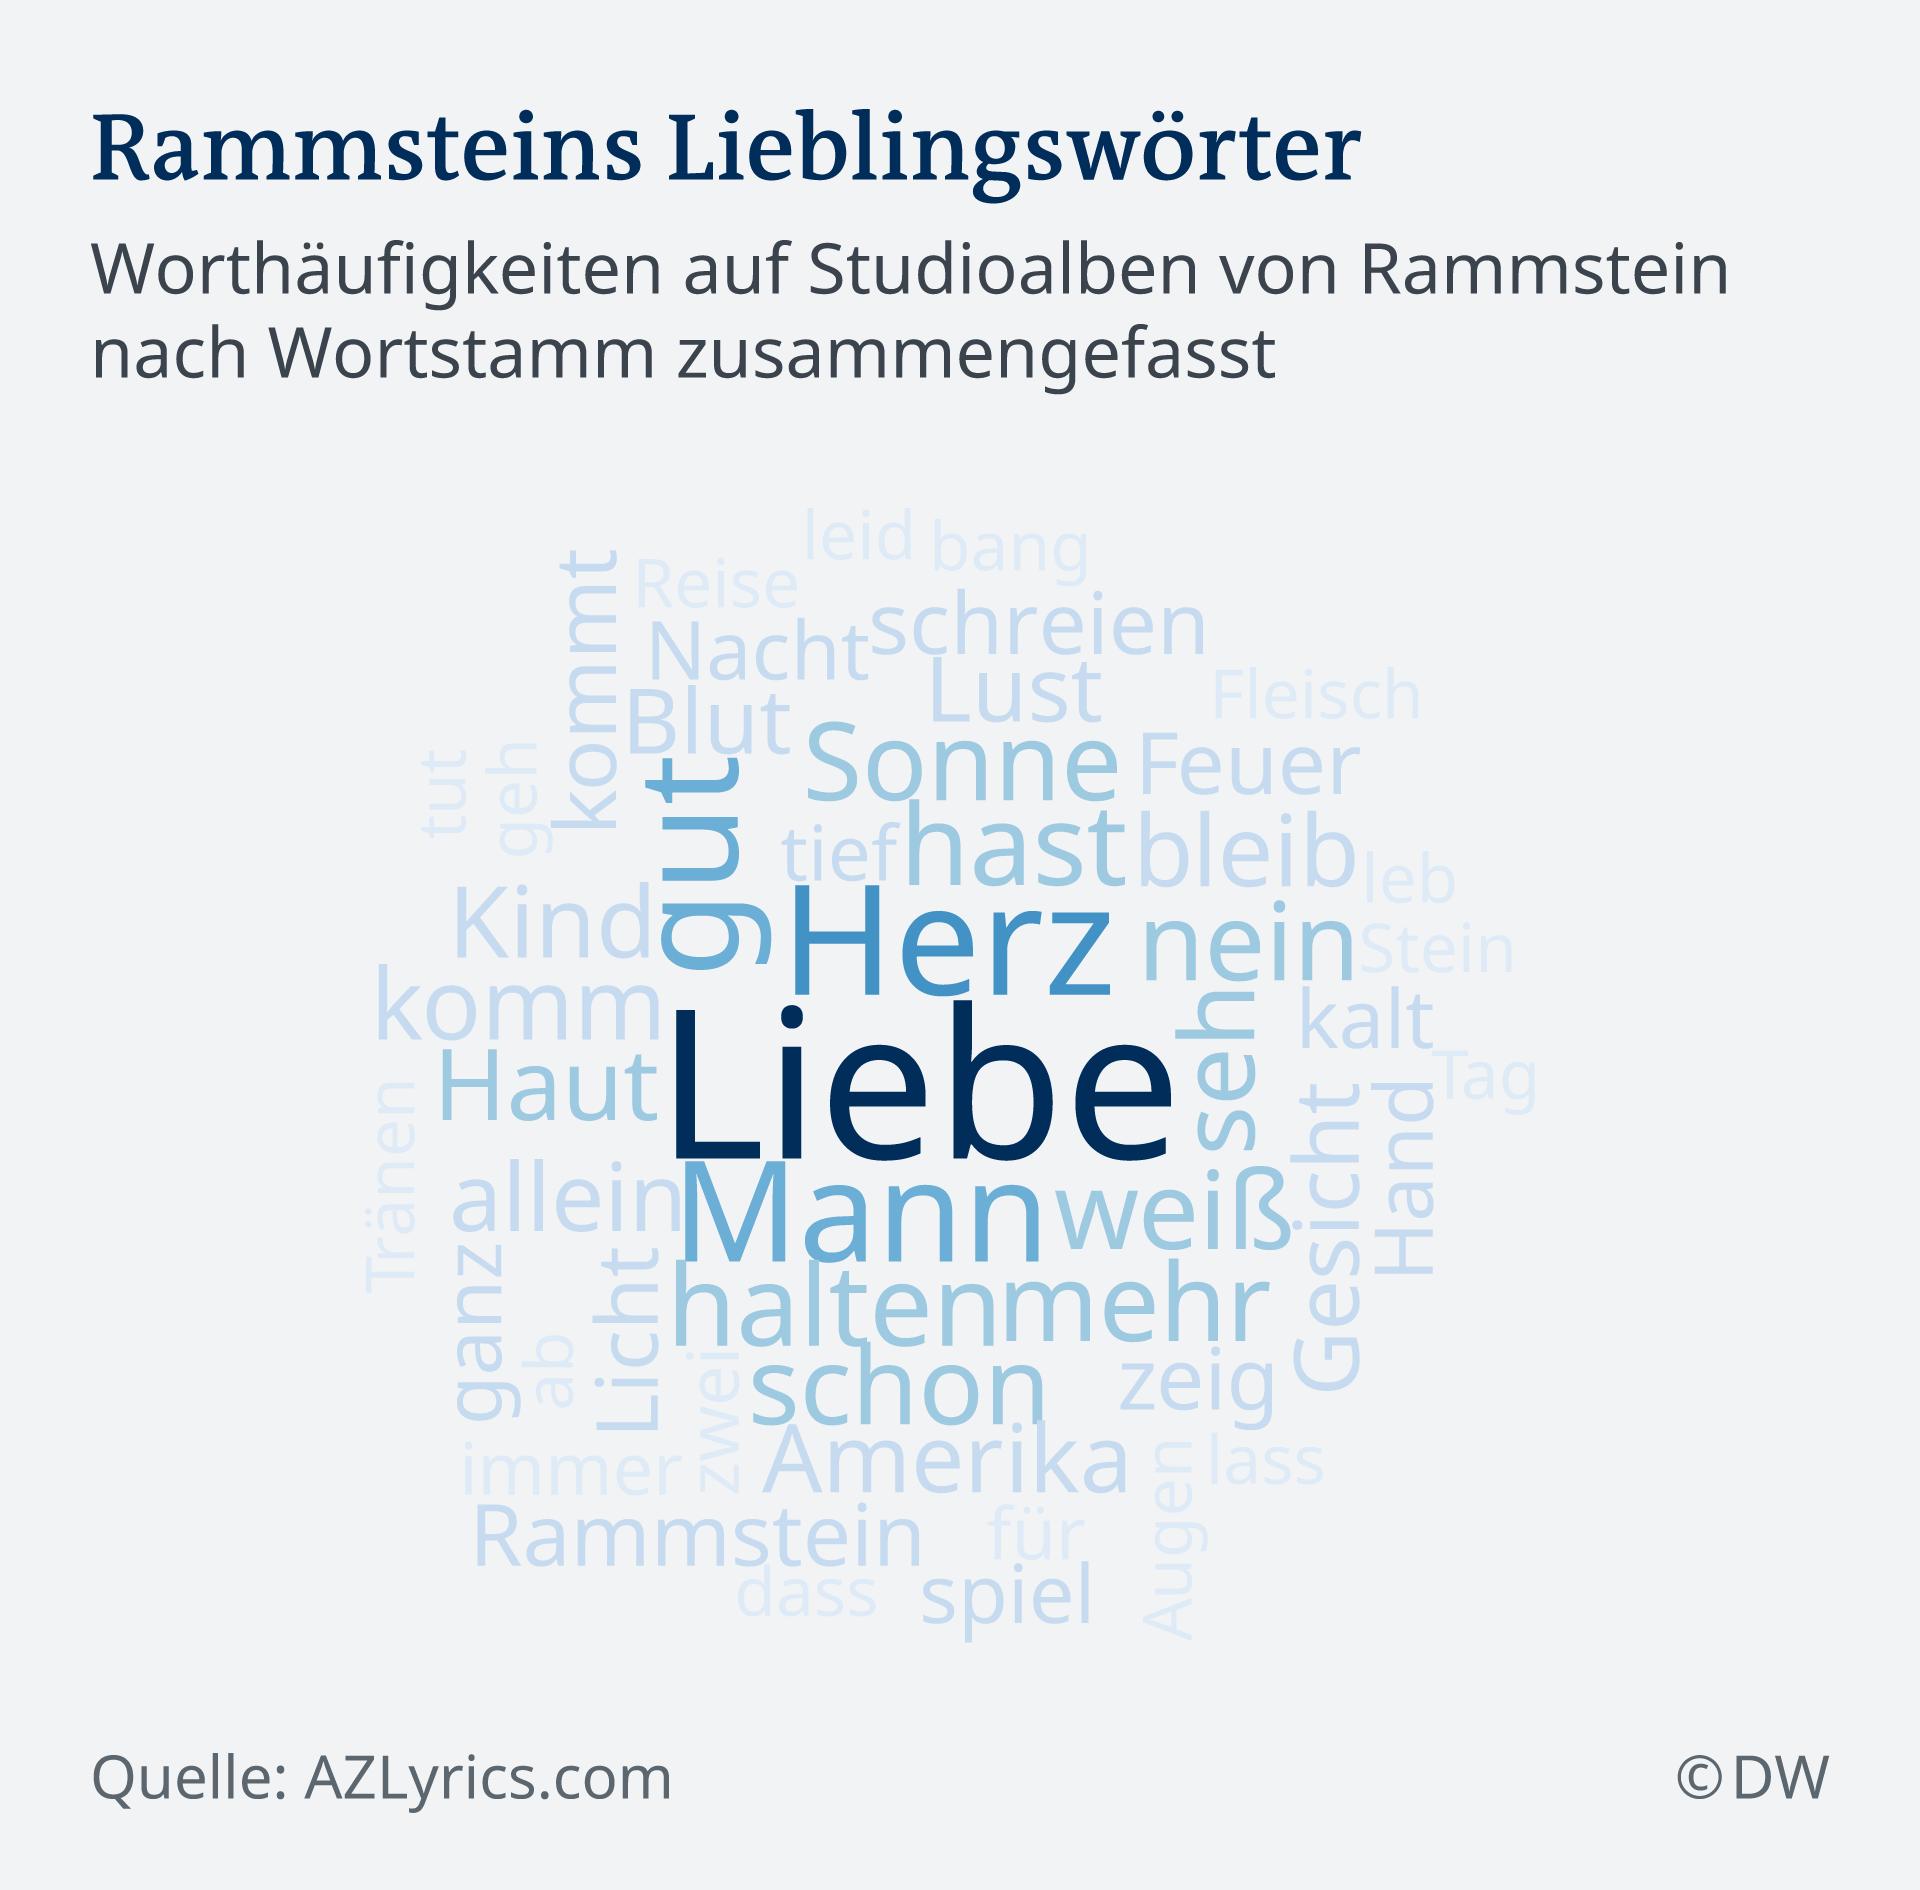 Rammstein Was In Den Lyrics Versteckt Ist Musik Dw 16 08 2019